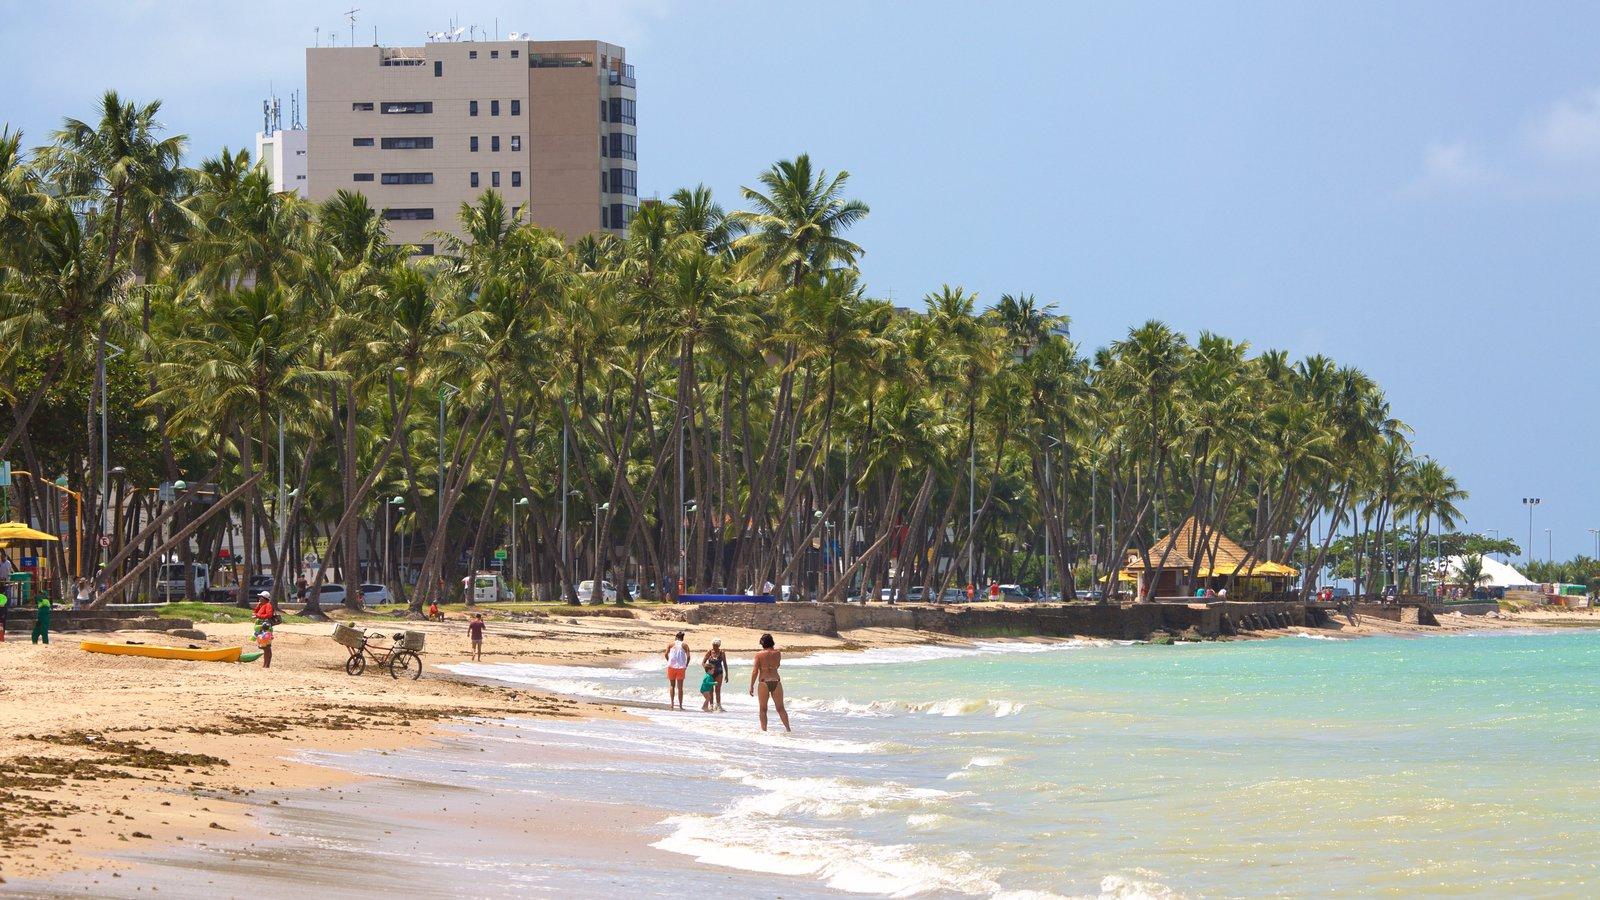 Praia de Pajuçara mostrando paisagens litorâneas, uma praia de areia e uma cidade litorânea